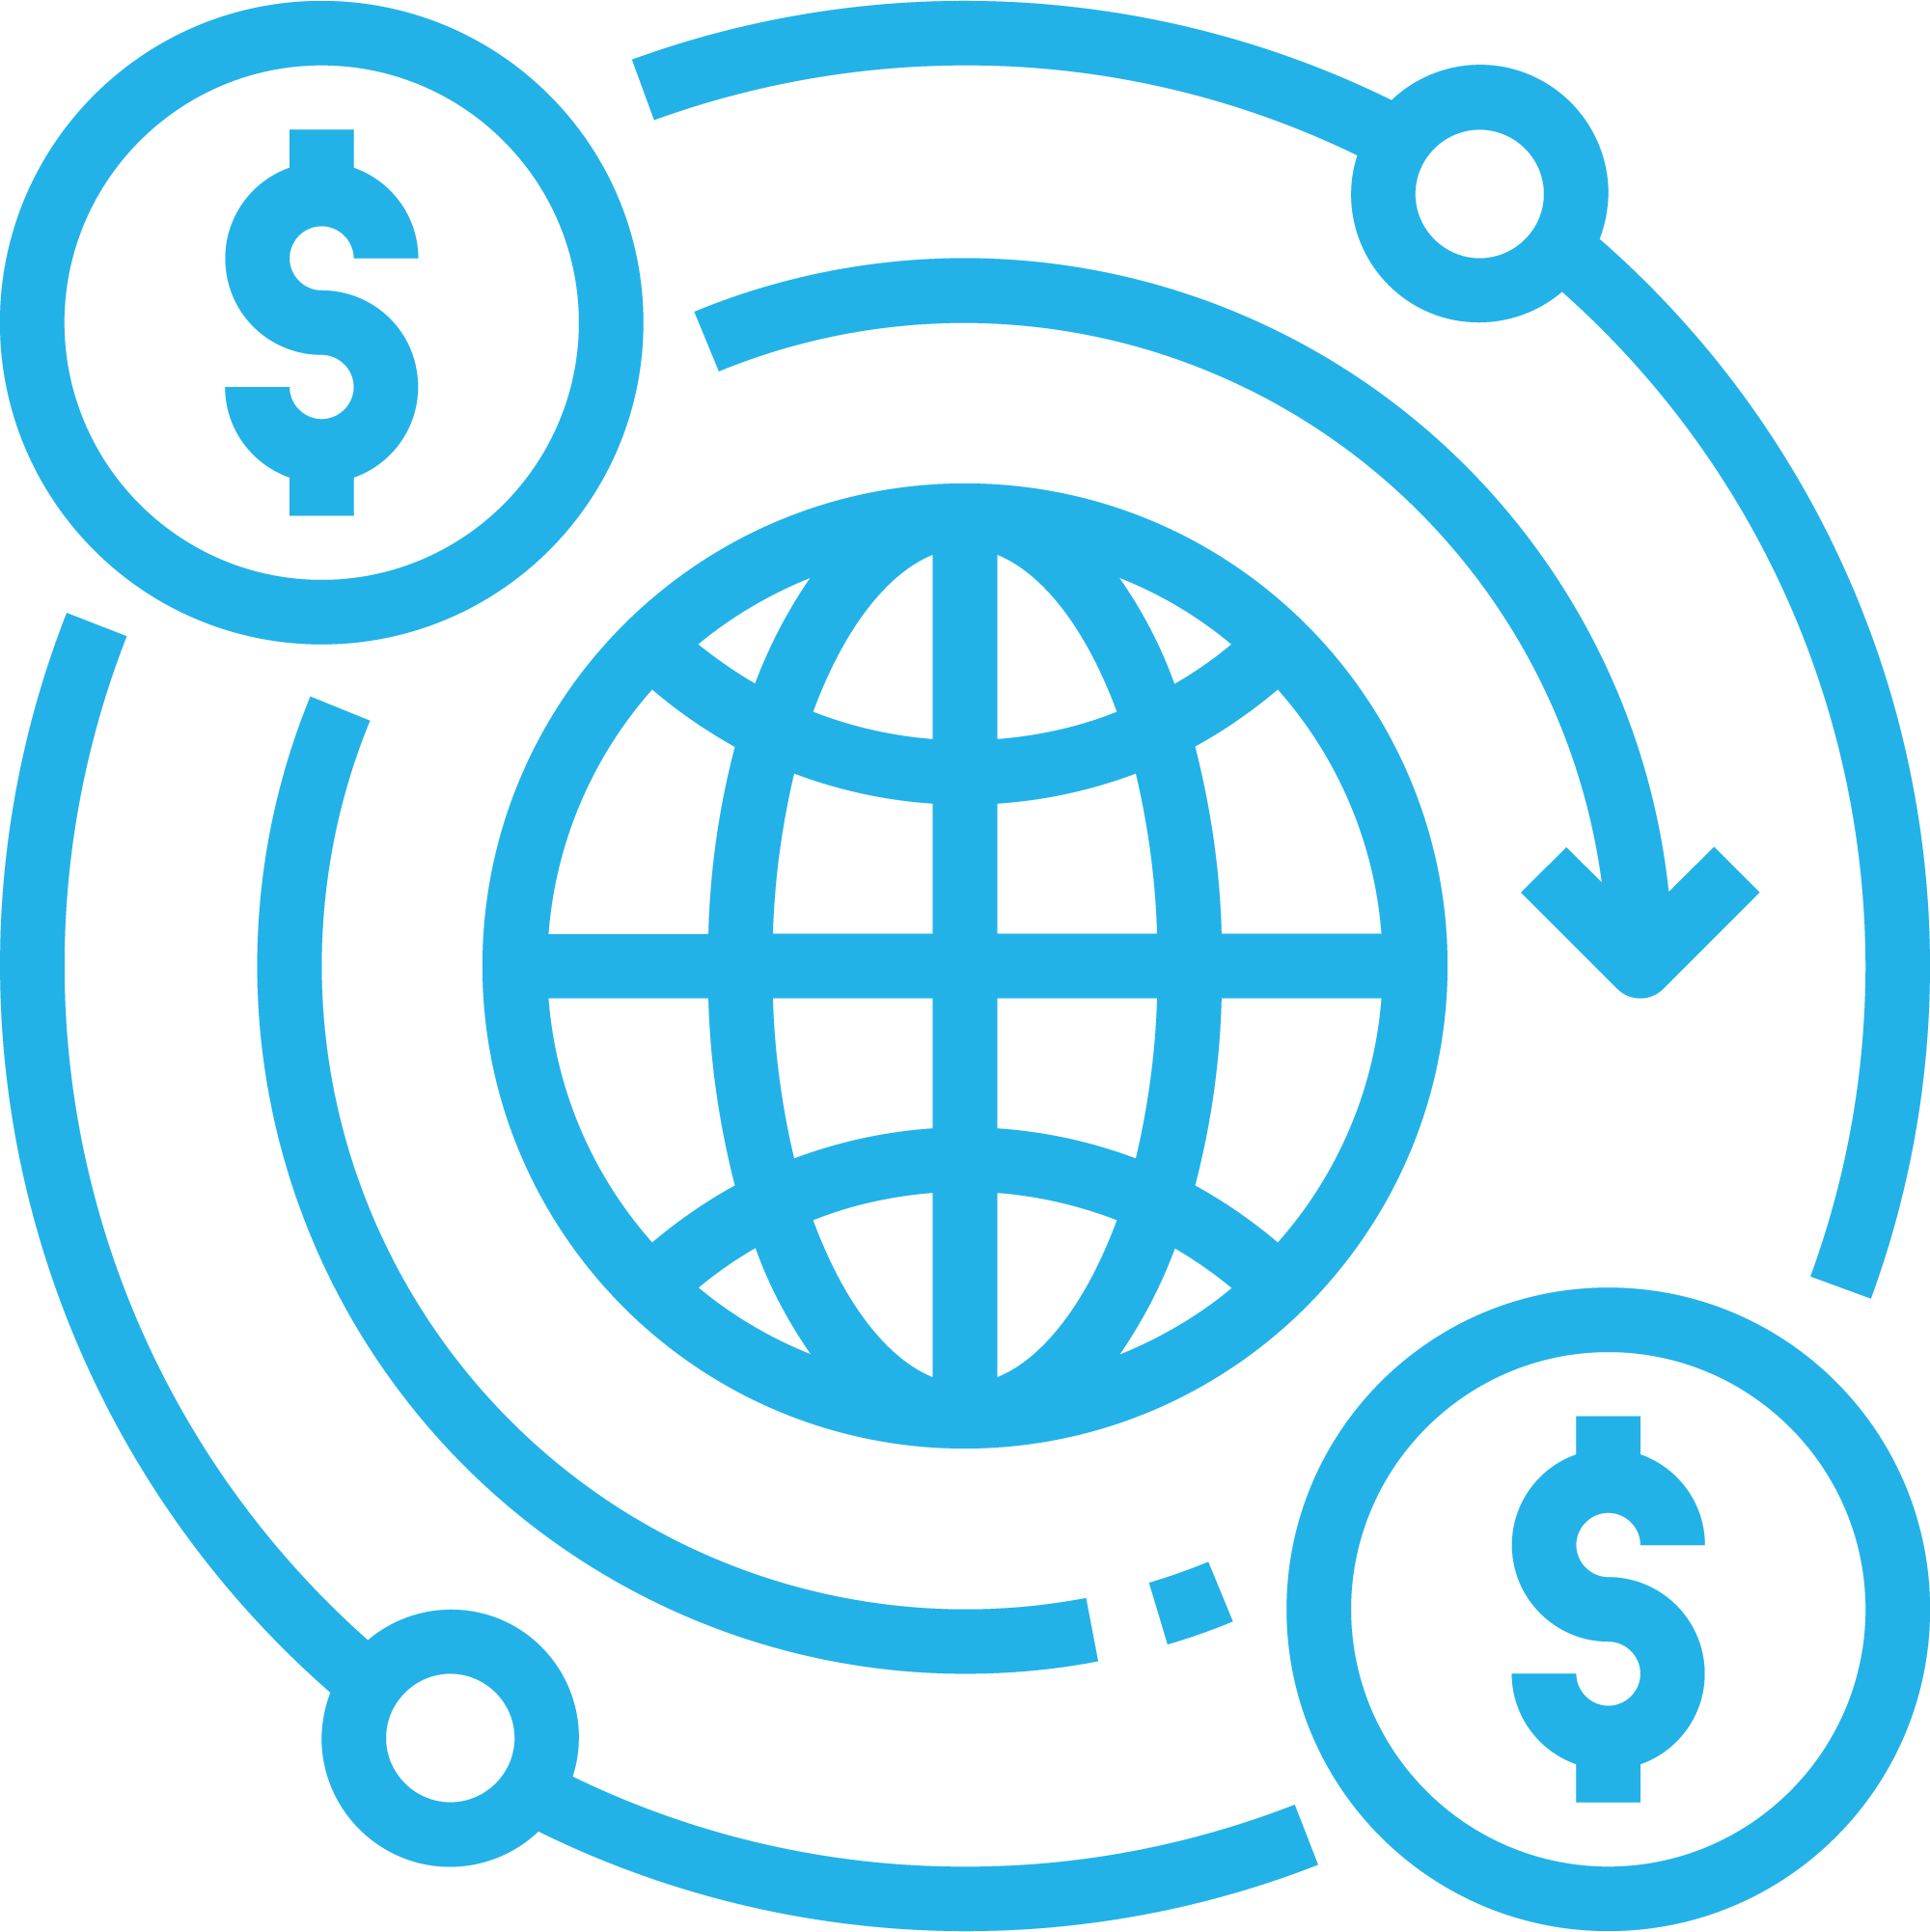 Internacionalizamos el producto inmobiliario, acercando y facilitando ese proceso de compra al clien